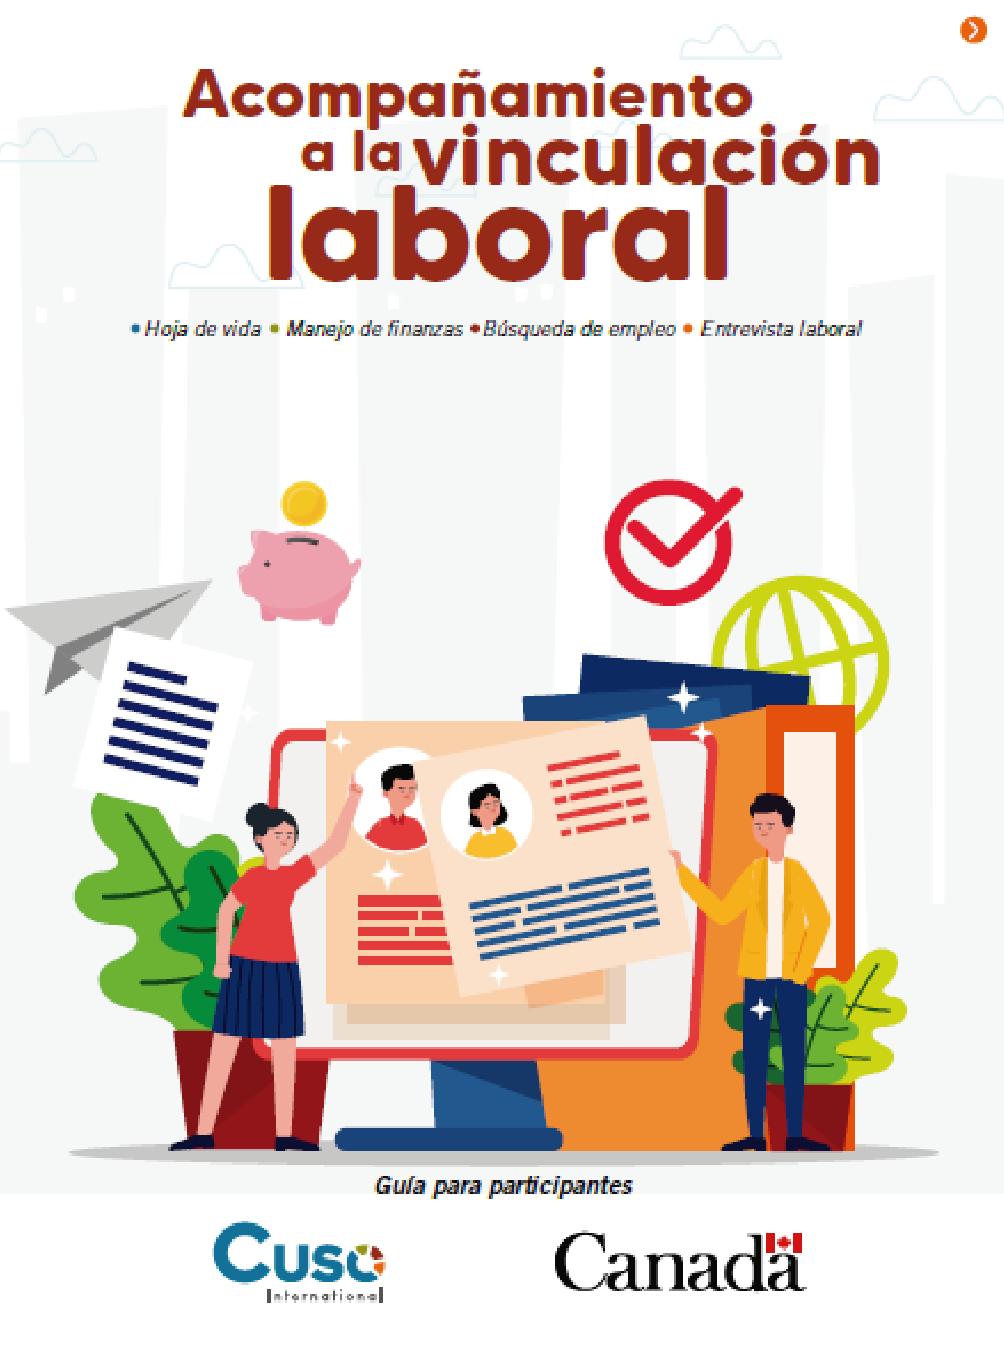 Acompañamiento a la vinculación laboral: guía para participantes